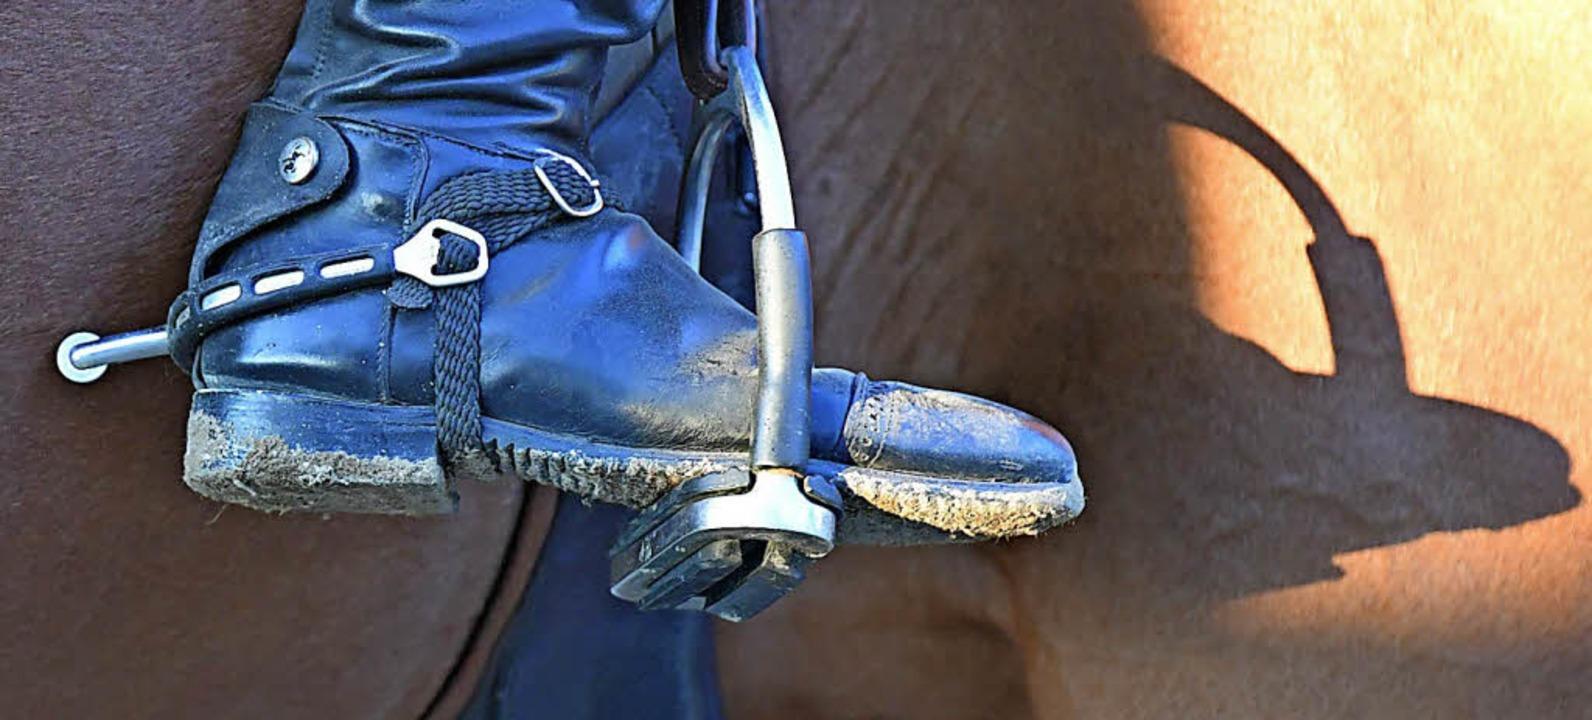 Schattenspiel mit Stiefel und Sporen.  | Foto: Achim Keller